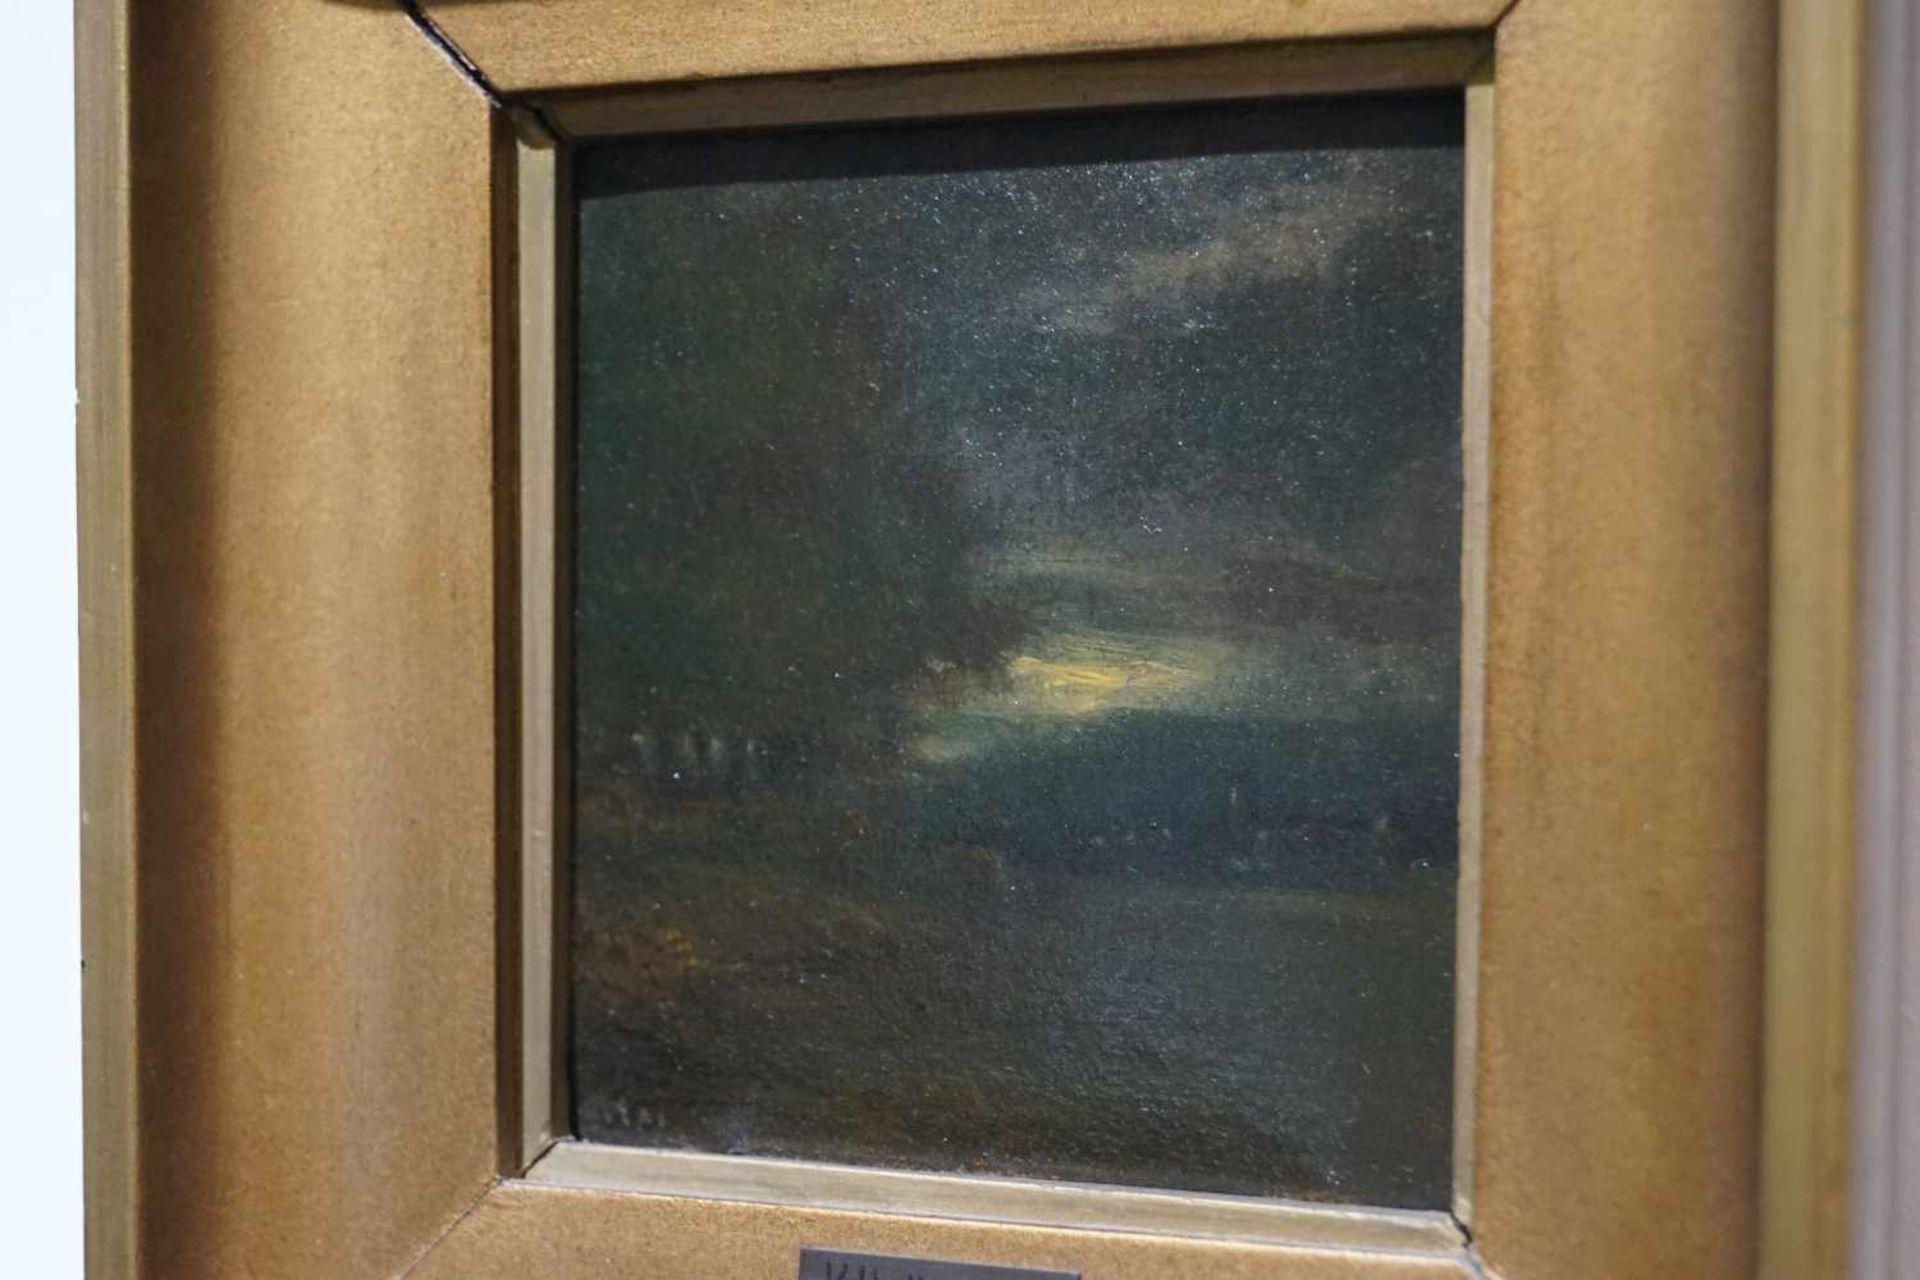 Zwei kleine Mondscheinlandschaften Konrad Hallenstein, Öl auf Karton, gerahmt, Höhe 21,5 cm x Breite - Bild 3 aus 6